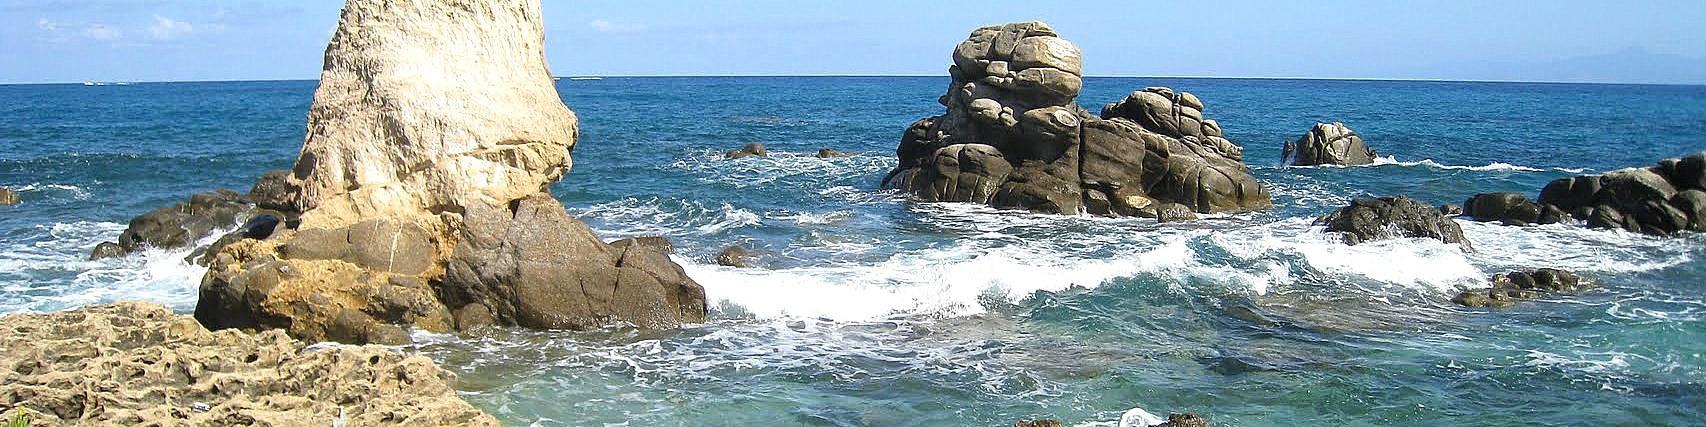 Briatico, typické skalnaté útvary lemují místy pobřeží